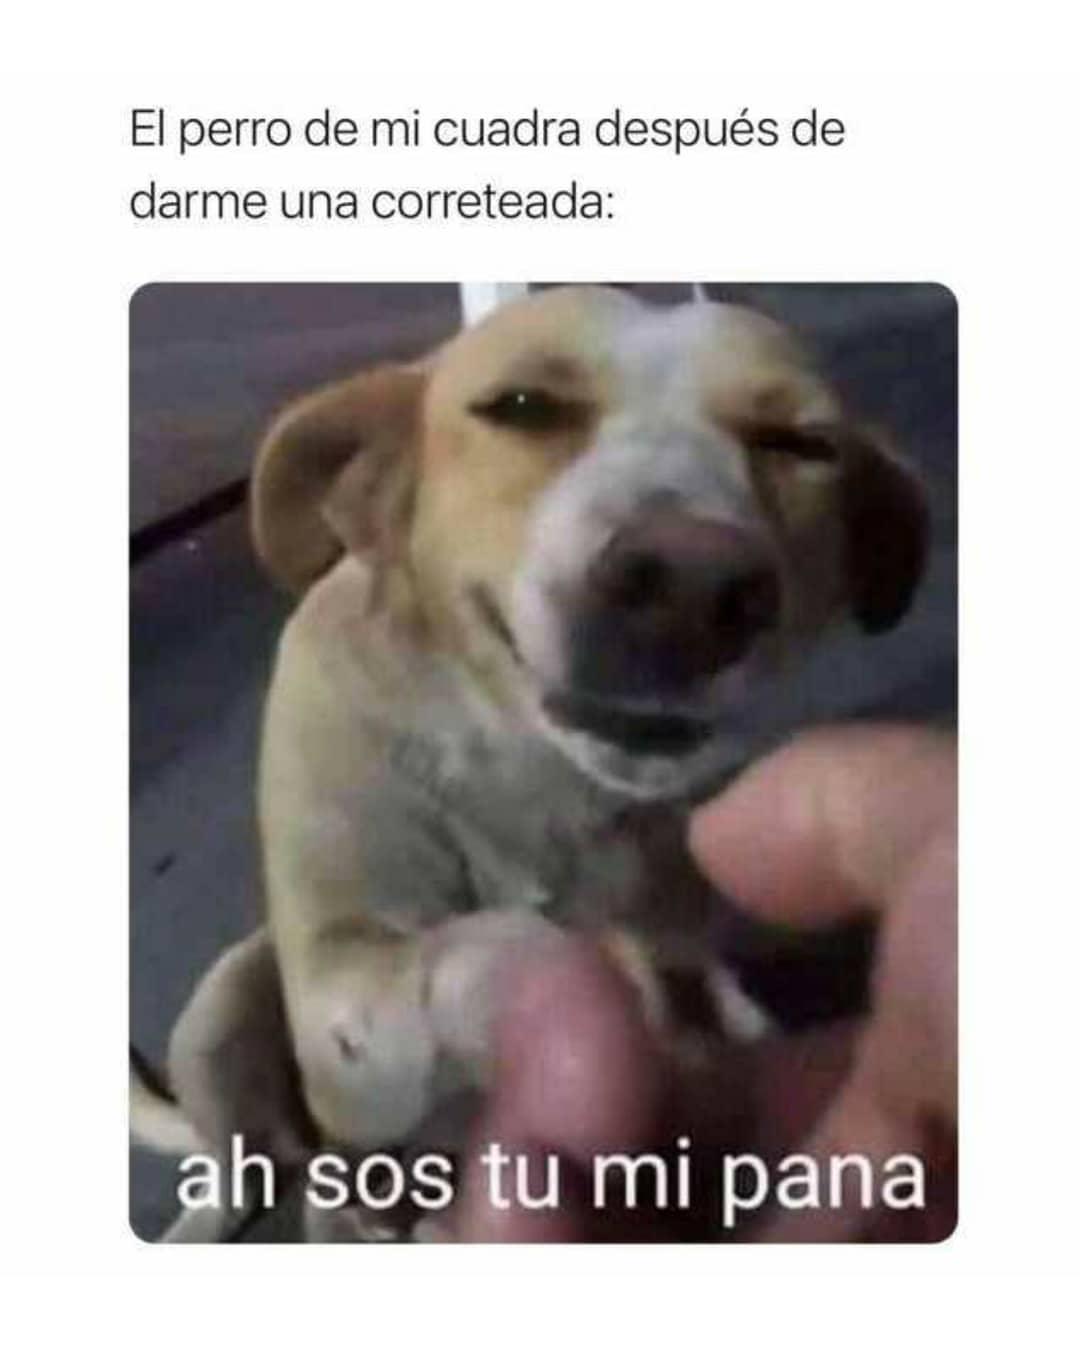 El perro de mi cuadra después de darme una correteada: H sos tu mi pana.